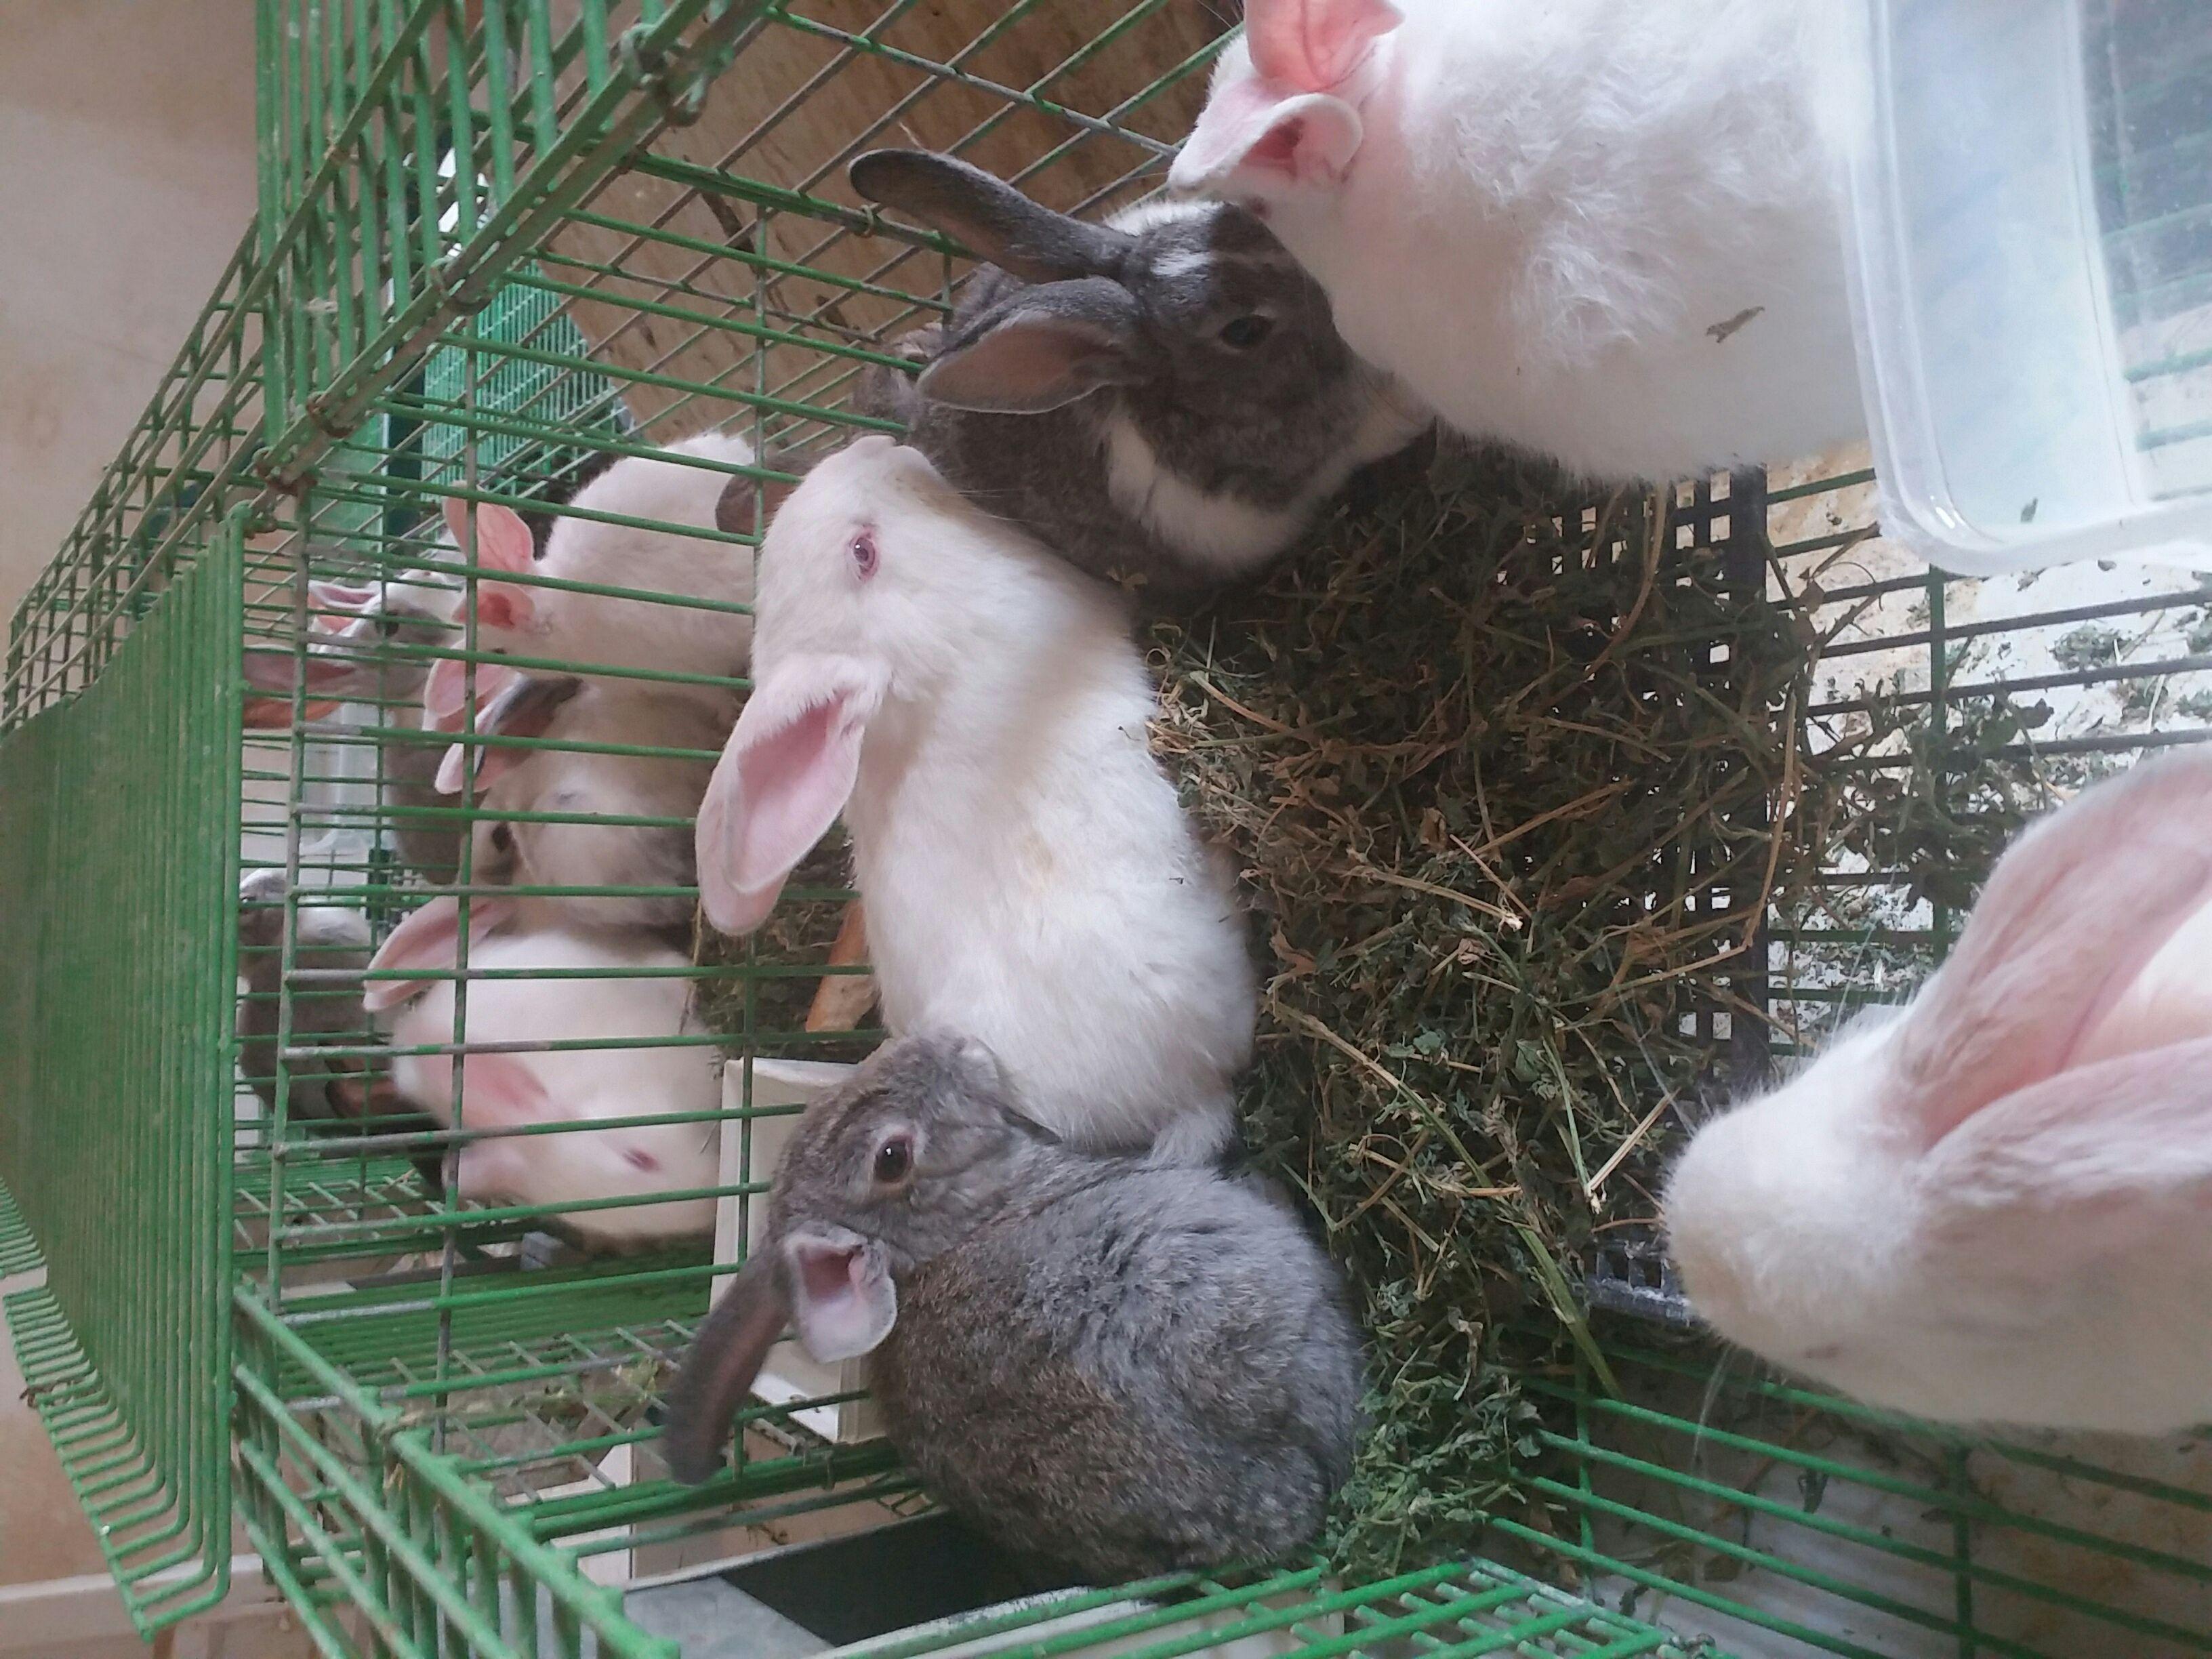 أرانب بلديه وفرنسيه للبيع الرياض ZmDfjpKgqvzg85